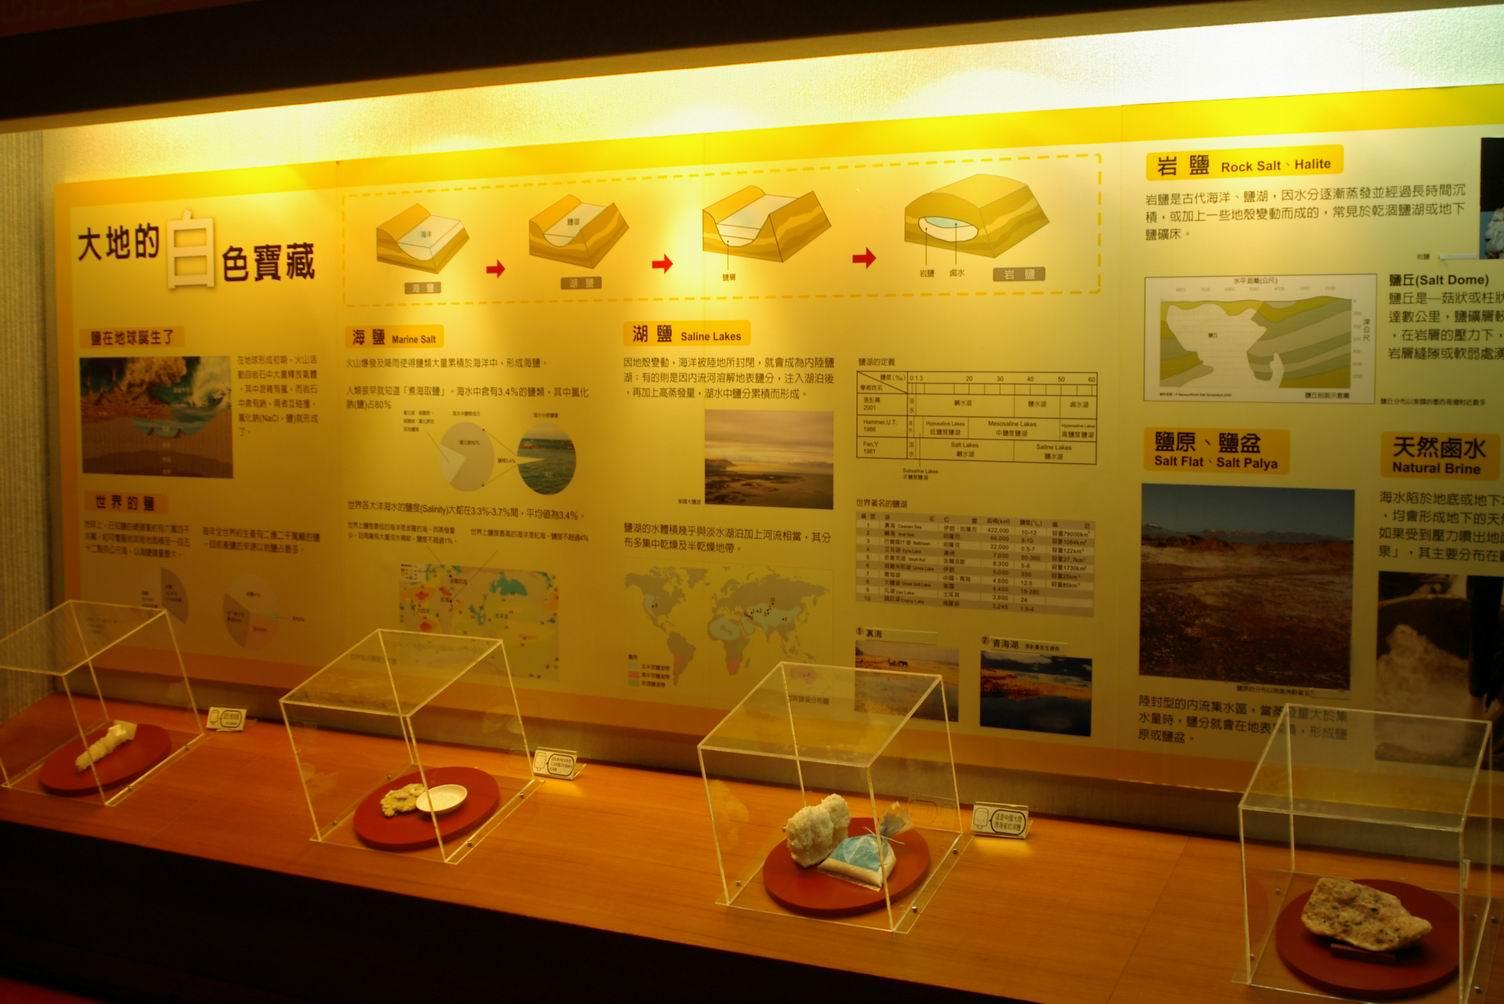 臺灣鹽博物館內